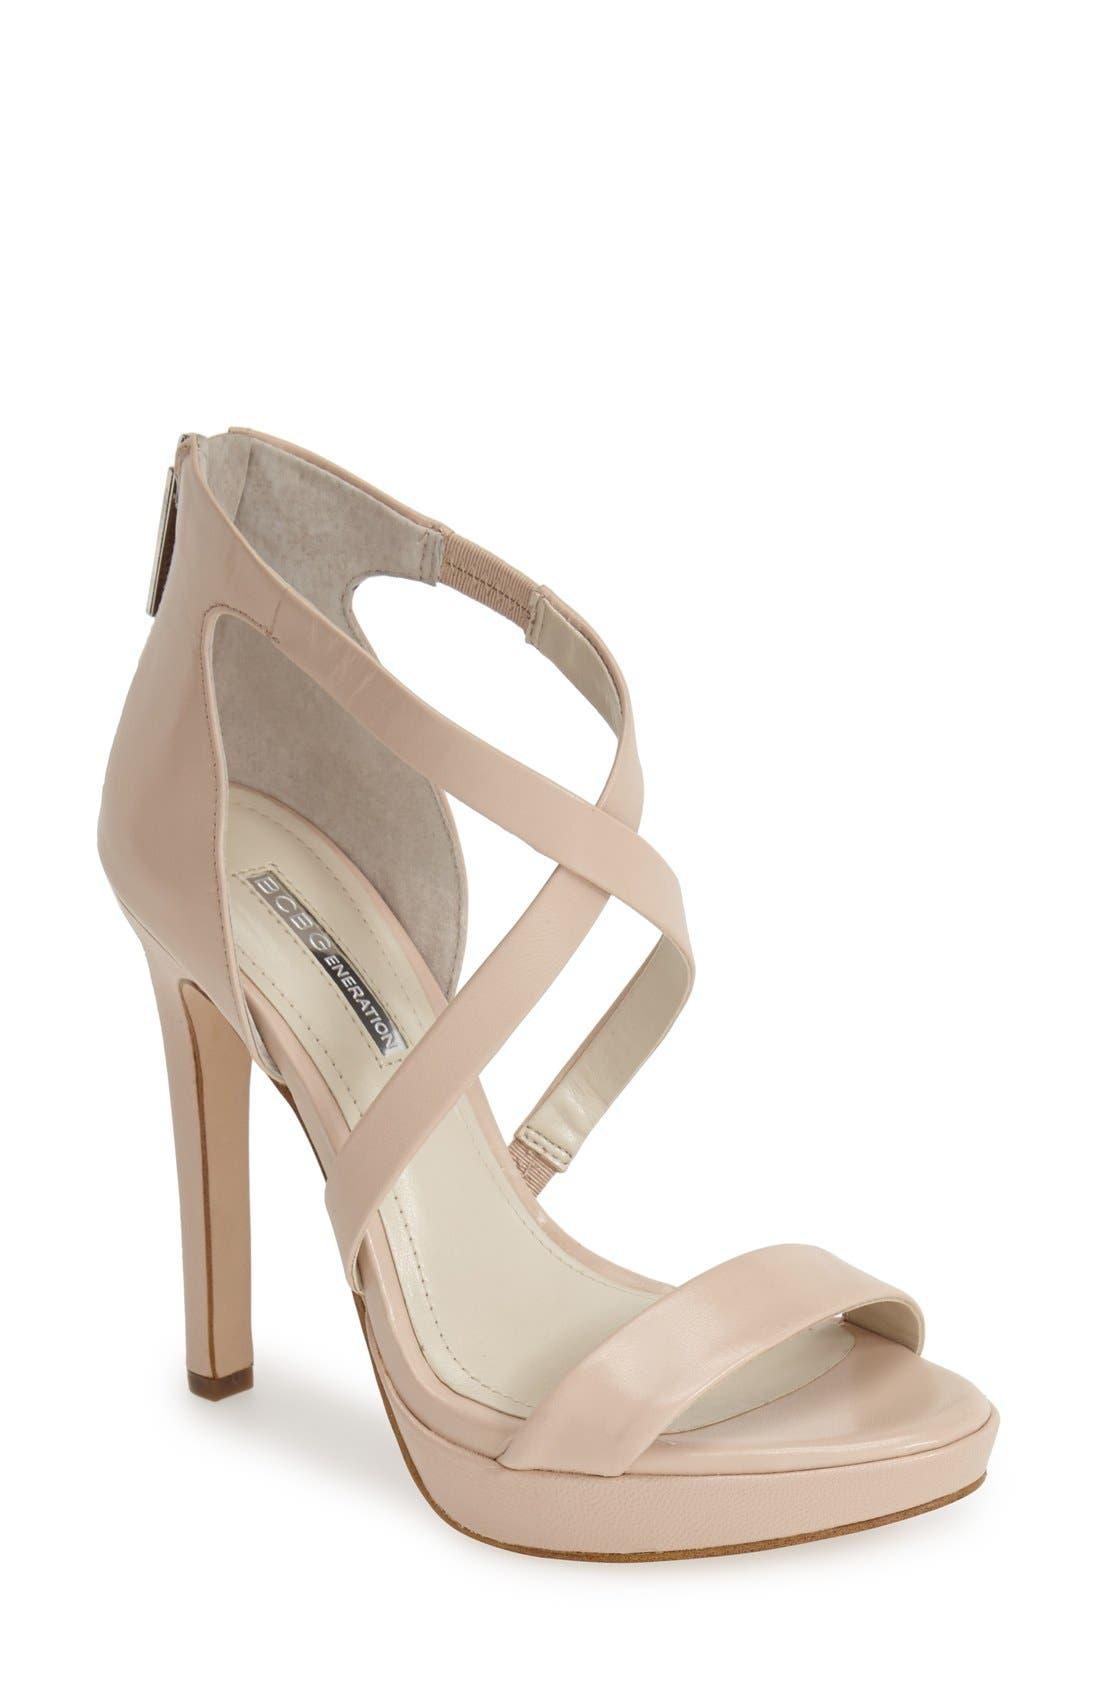 Alternate Image 1 Selected - BCBGeneration 'Gidget' Leather Platform Sandal (Women)